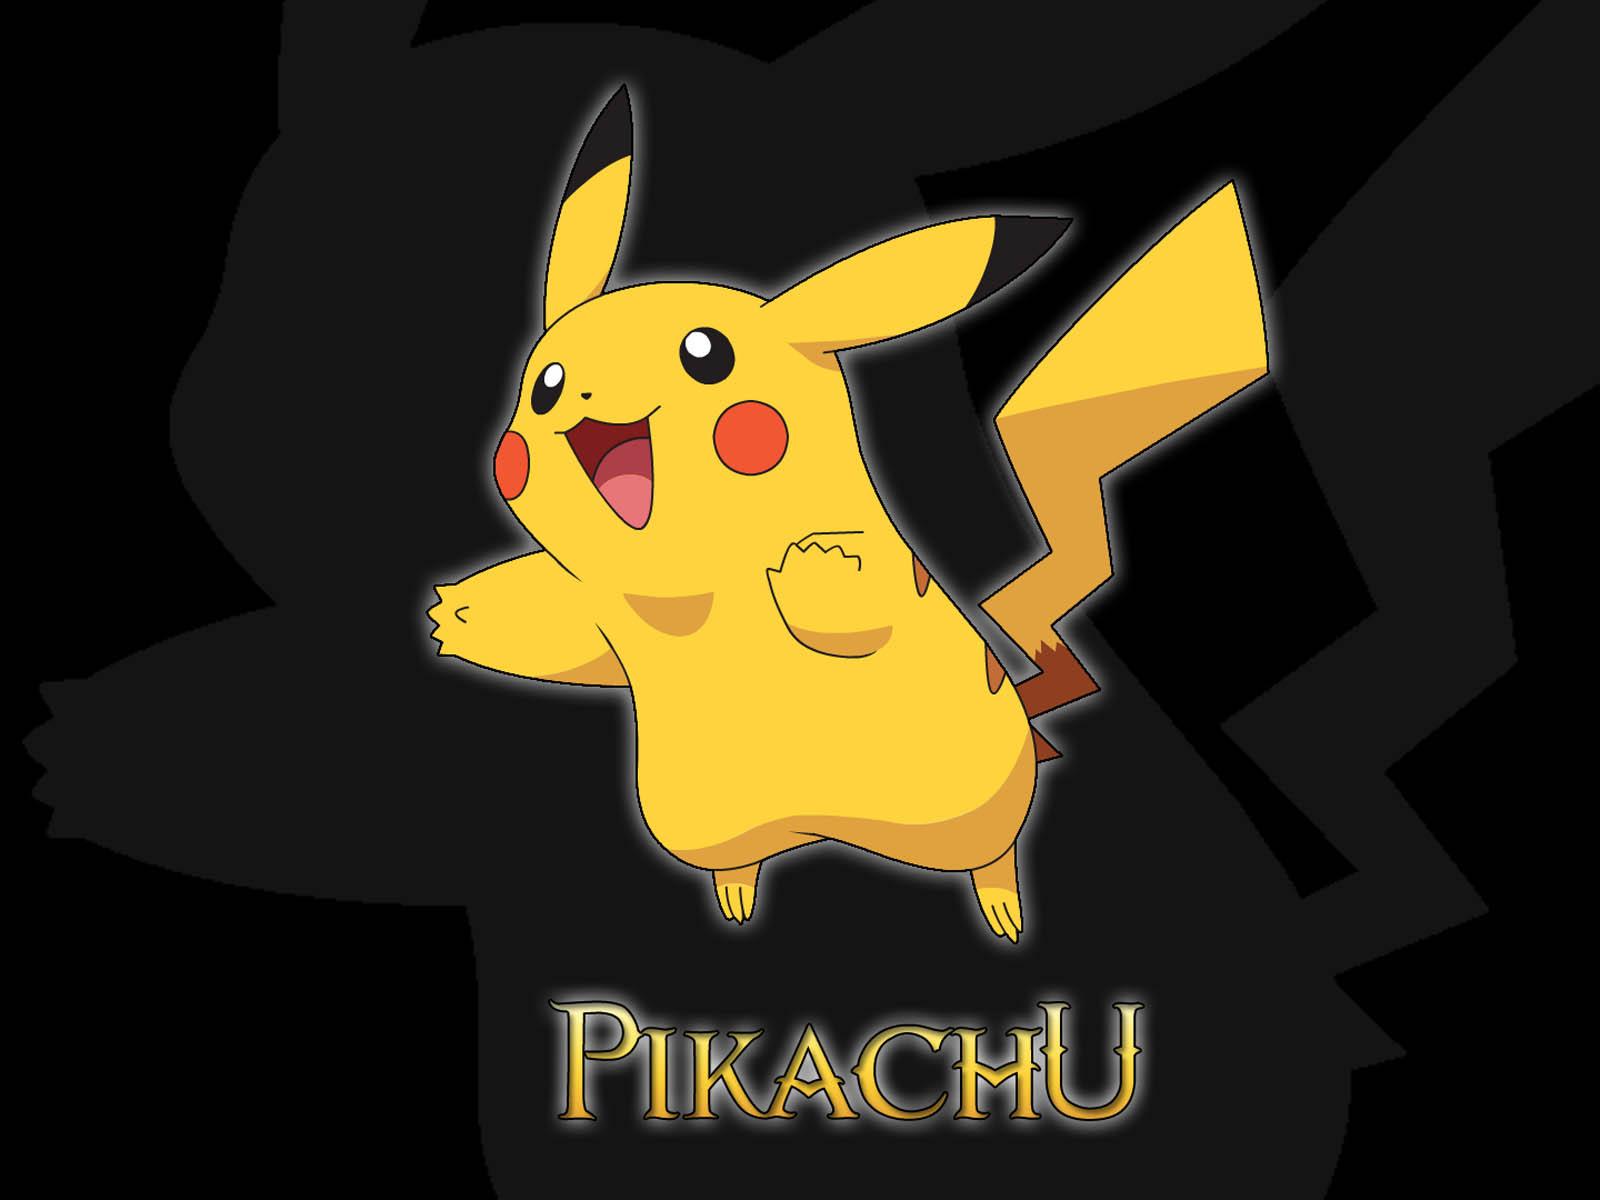 the Pikachu Pokemon Wallpapers Pikachu Pokemon Desktop Wallpapers 1600x1200